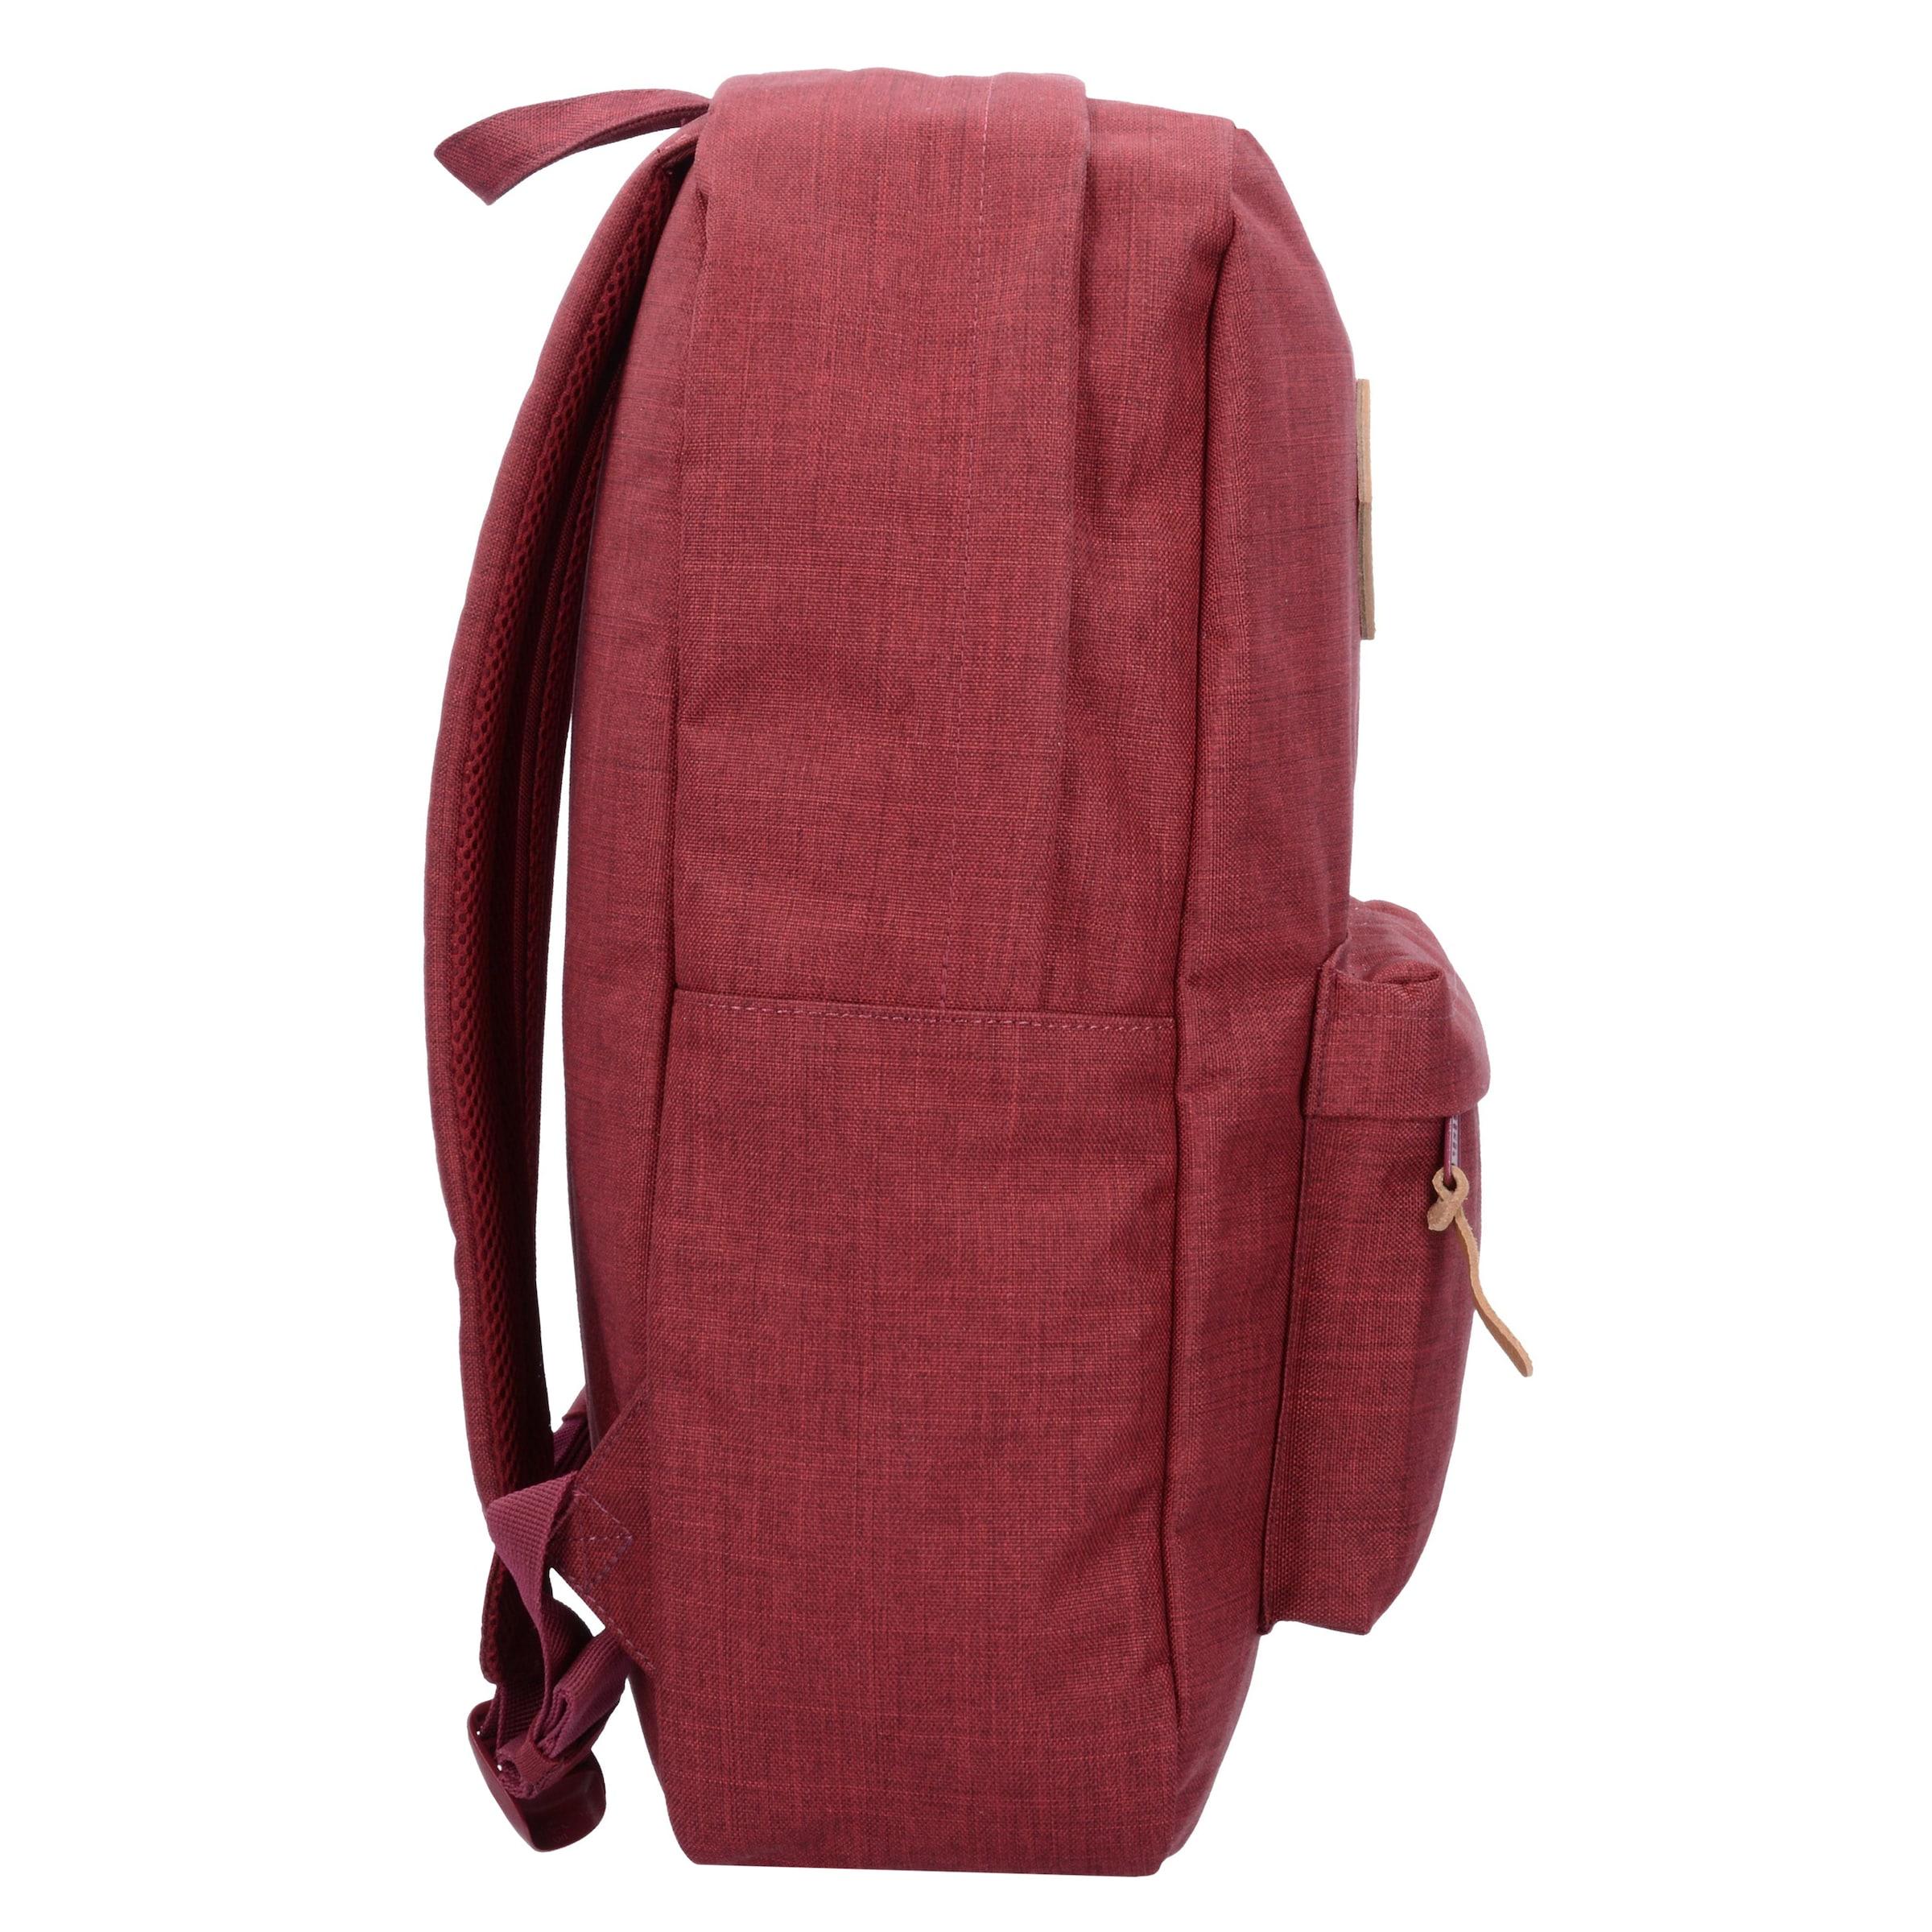 Angebote Online-Verkauf Herschel Heritage 17 Backpack Rucksack 47 cm Laptopfach Offizielle Seite VJSCQe